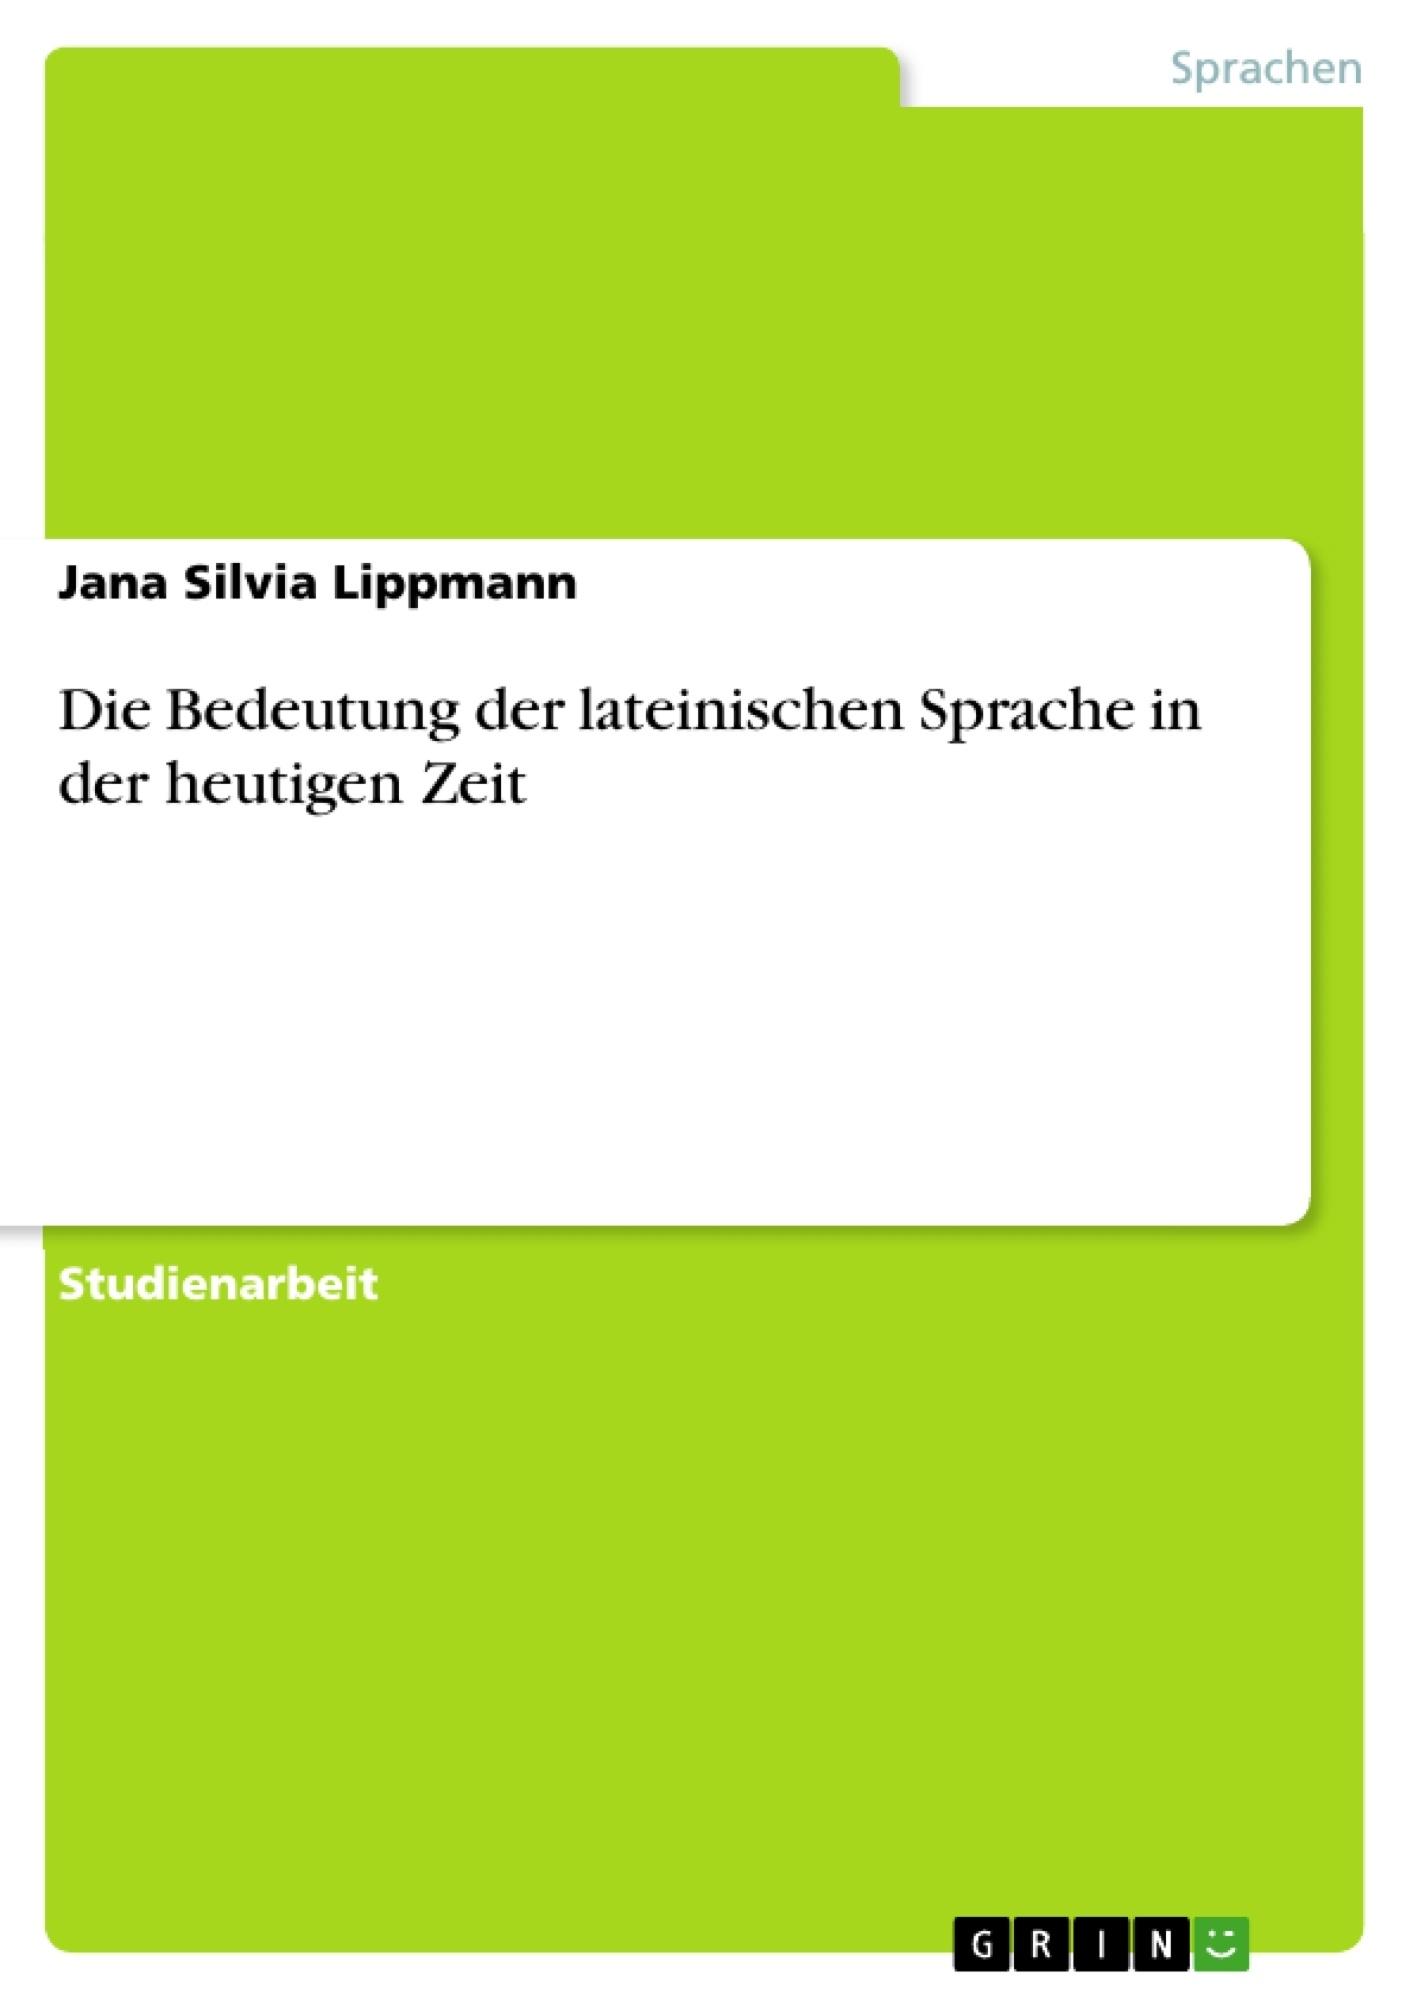 Titel: Die Bedeutung der lateinischen Sprache in der heutigen Zeit